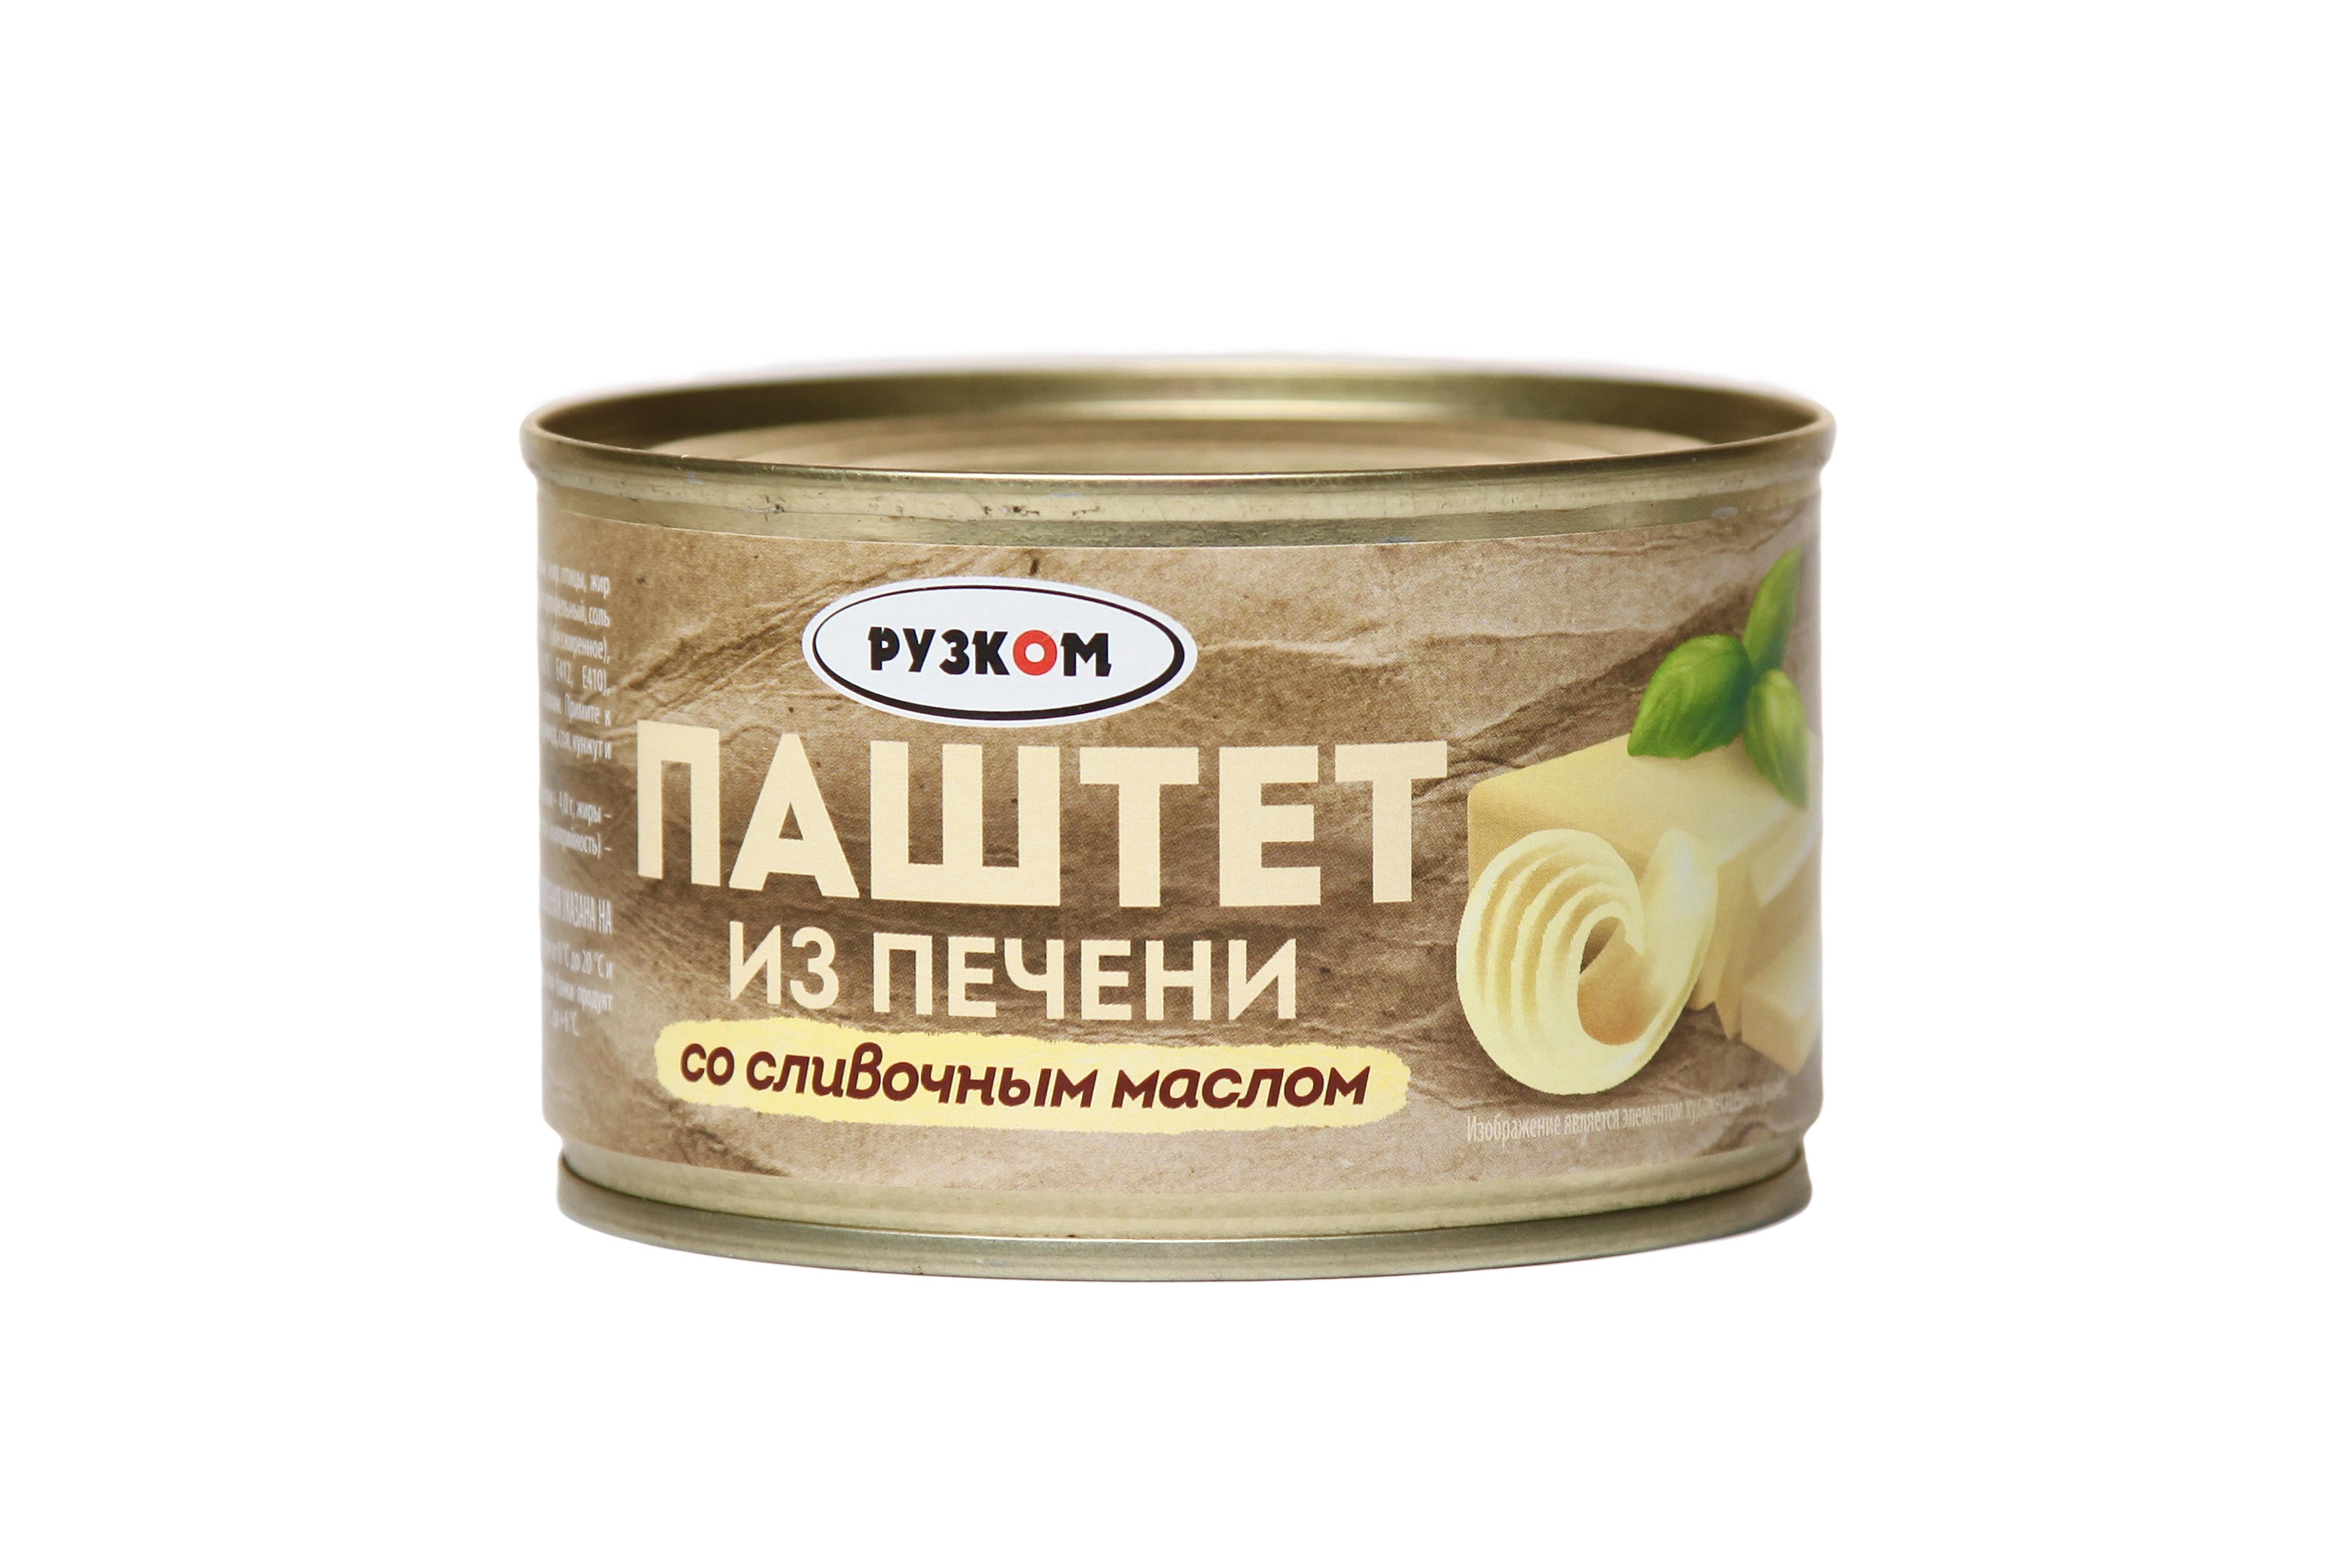 Паштет из печени со сливочным маслом